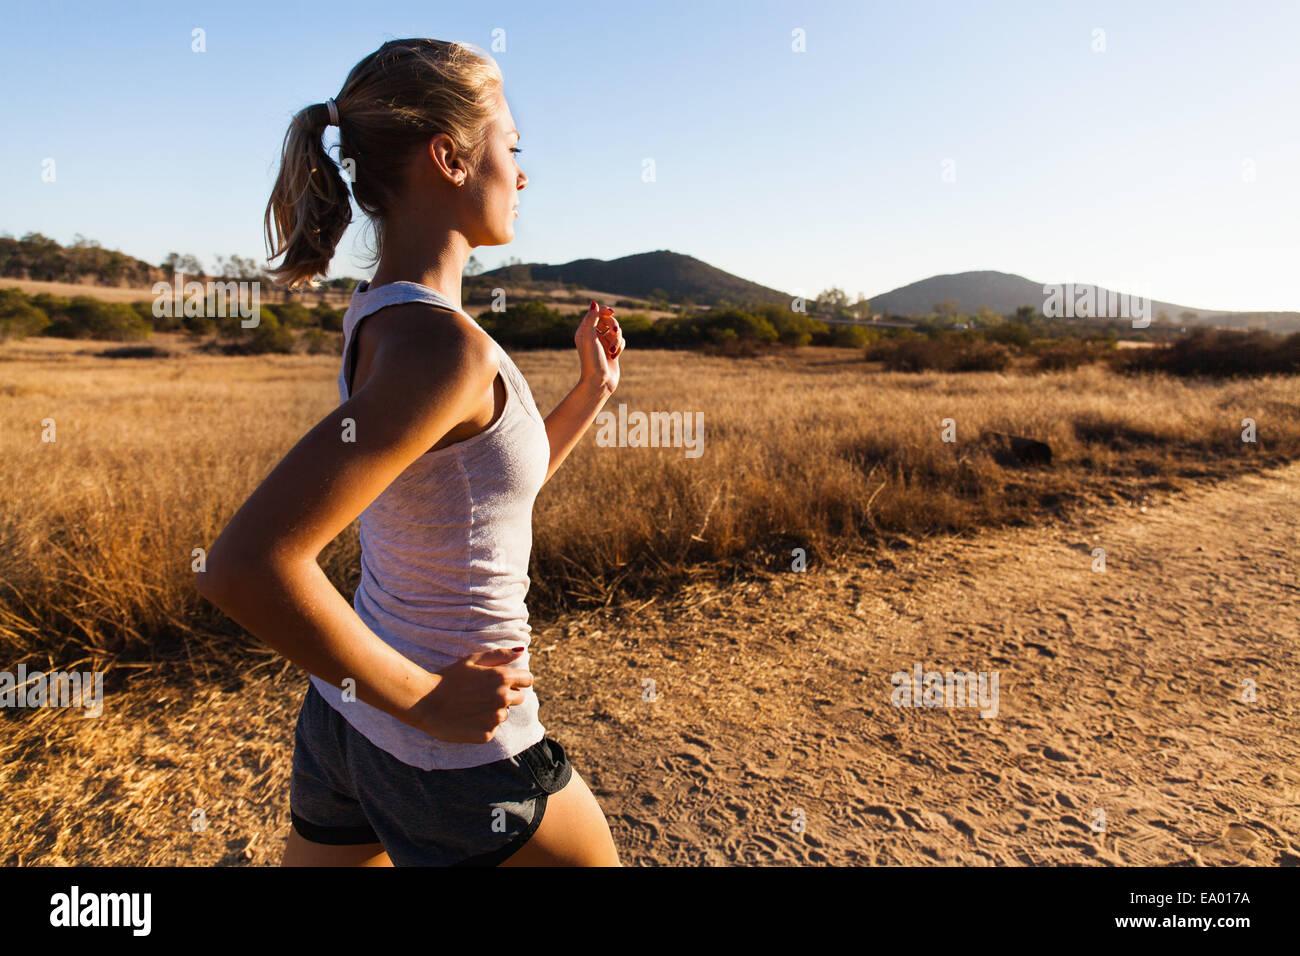 Junge Frau, Joggen, Poway, Kalifornien, USA Stockbild